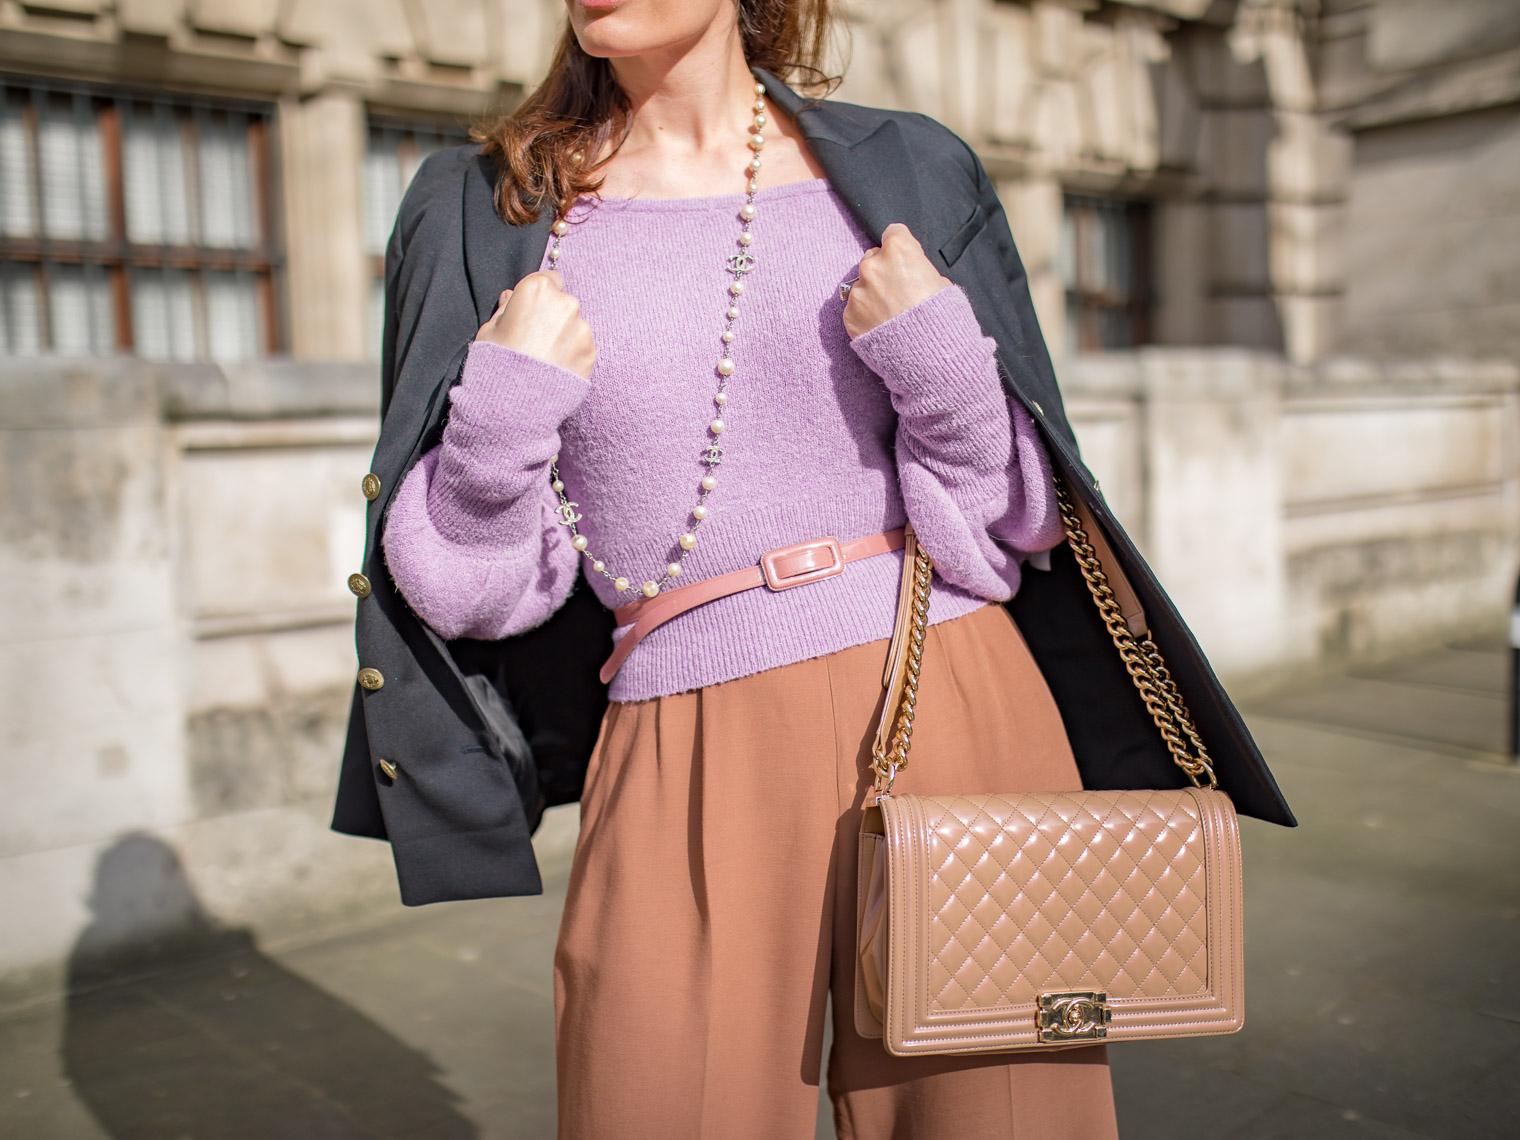 Chanel pearl necklace Chanel Boy bag Keepsake purple sweater